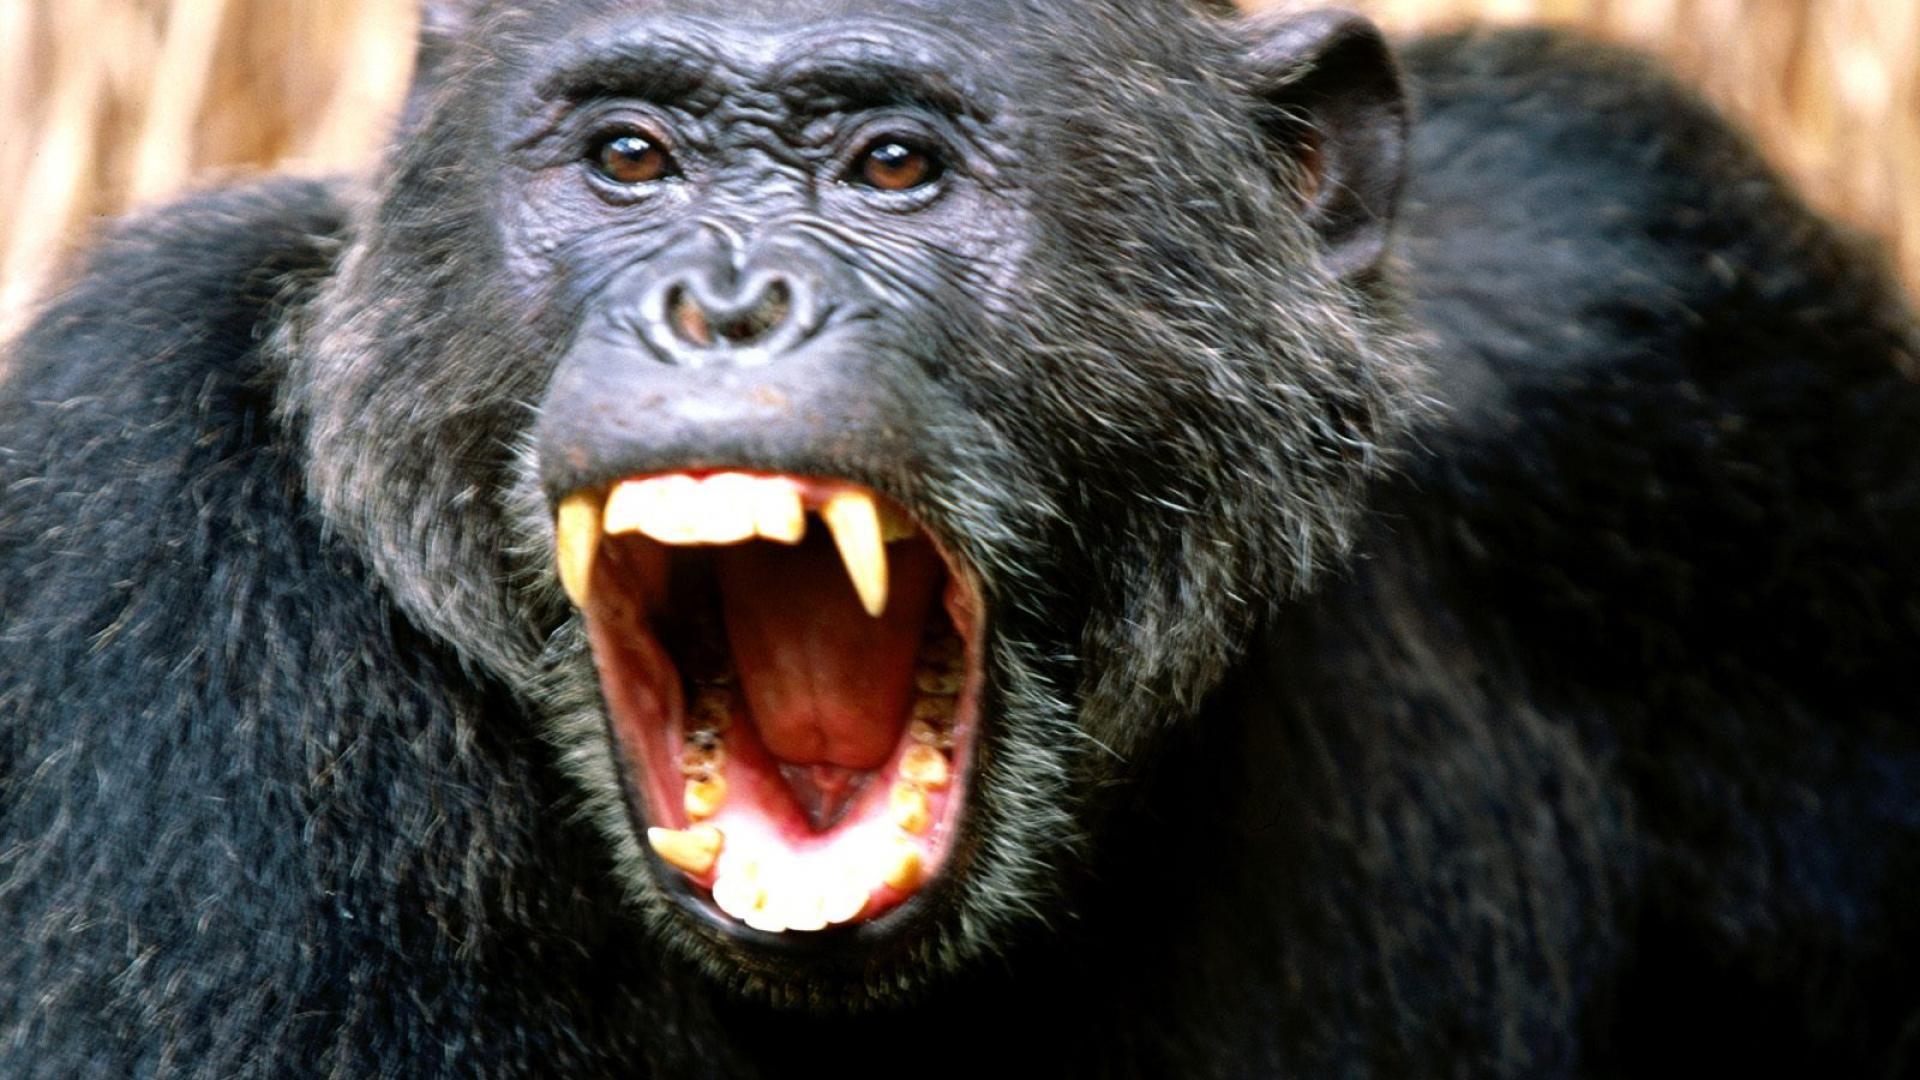 Angry Chimpanzee | Gorilas